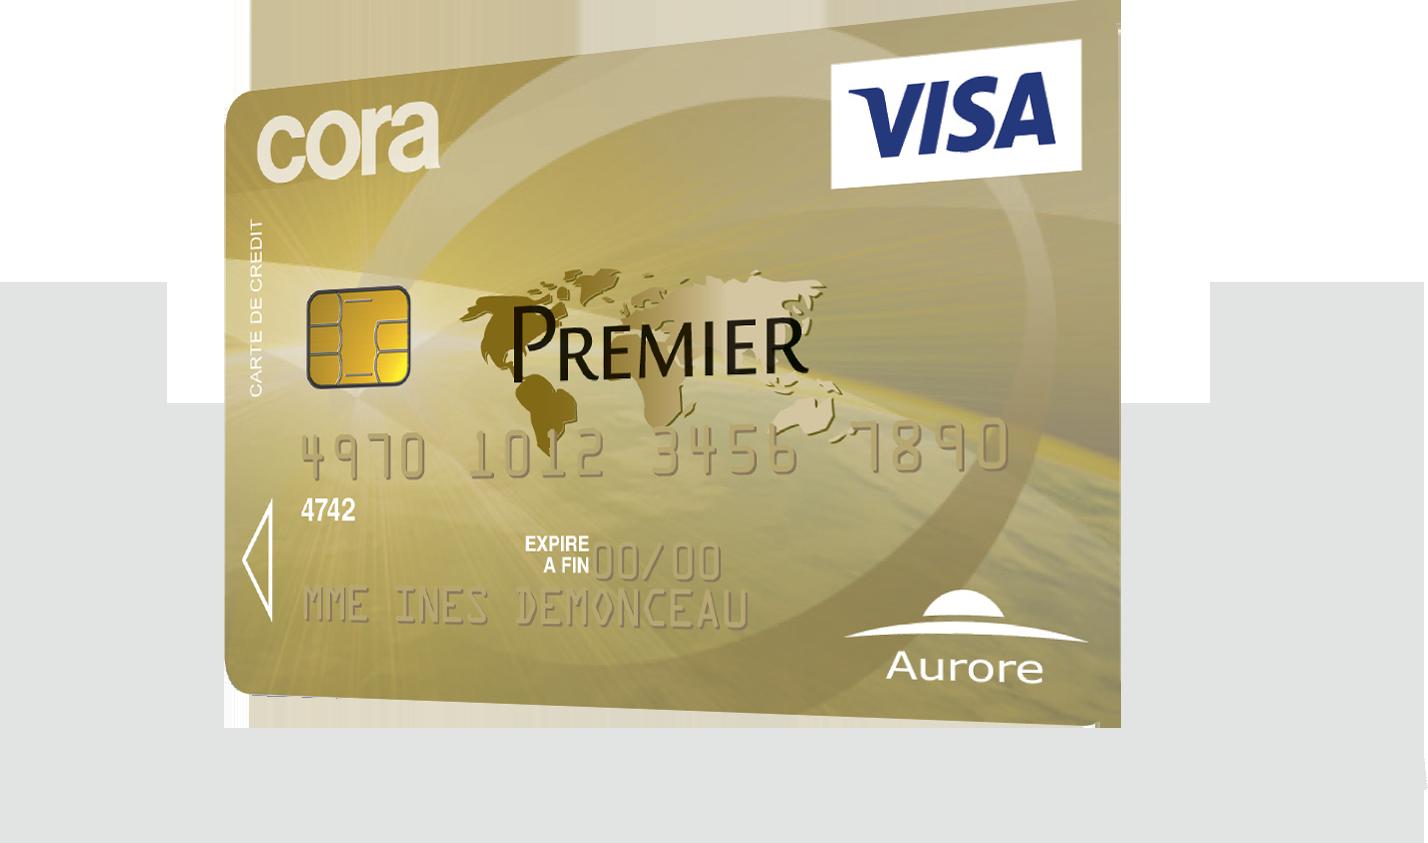 Cora Carte De Fidelite.Carte Cora Visa Premier A Qui Est Elle Destinee